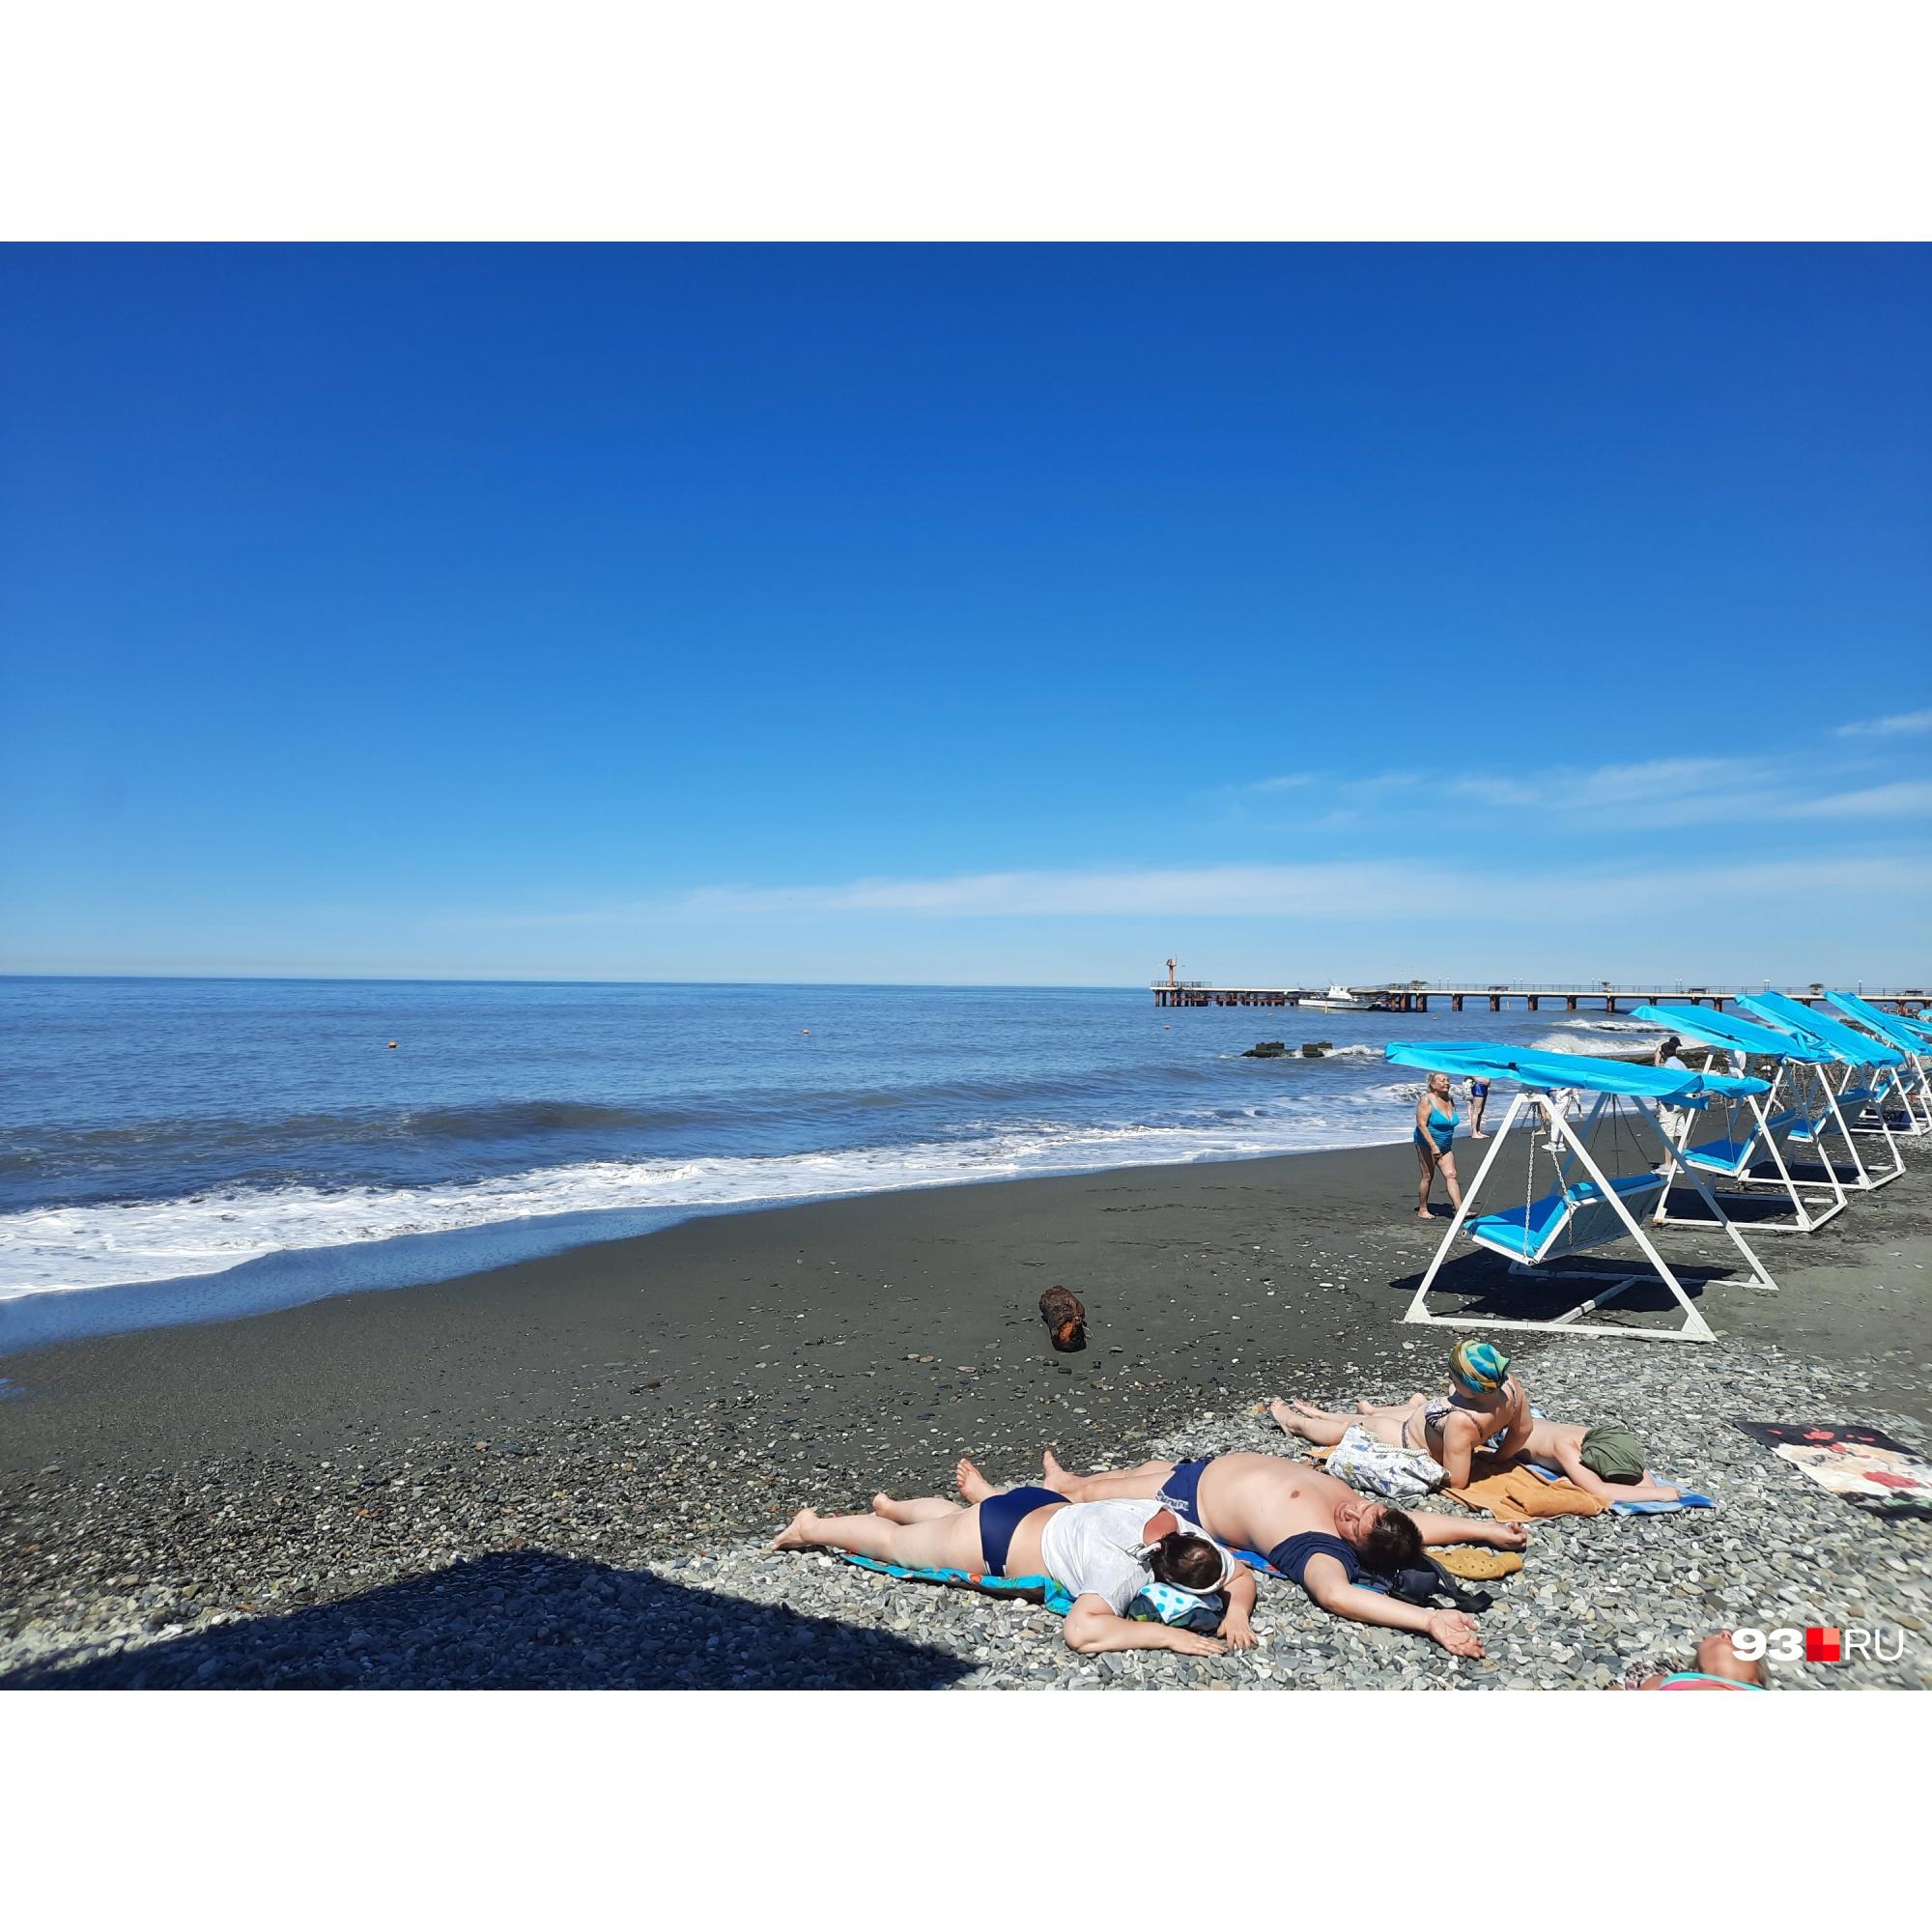 В мае, пока нельзя купаться, на сочинских пляжах еще можно найти место